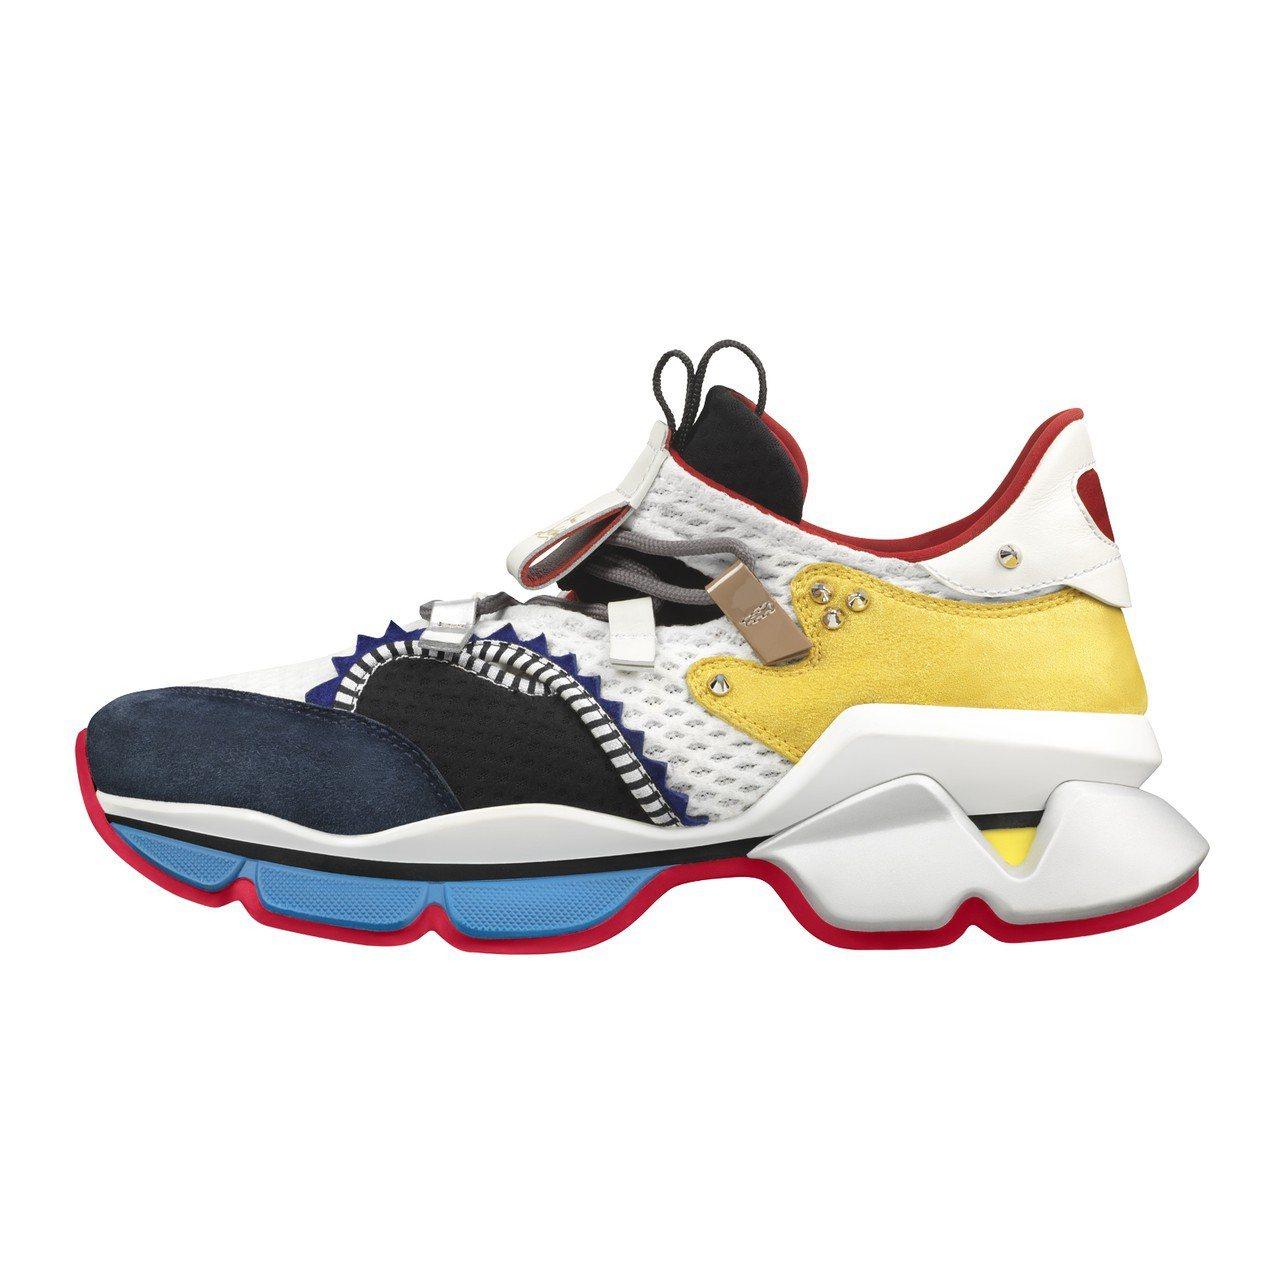 Christian Louboutin首度推出運動鞋,男款的顏色與面料有多重混搭...